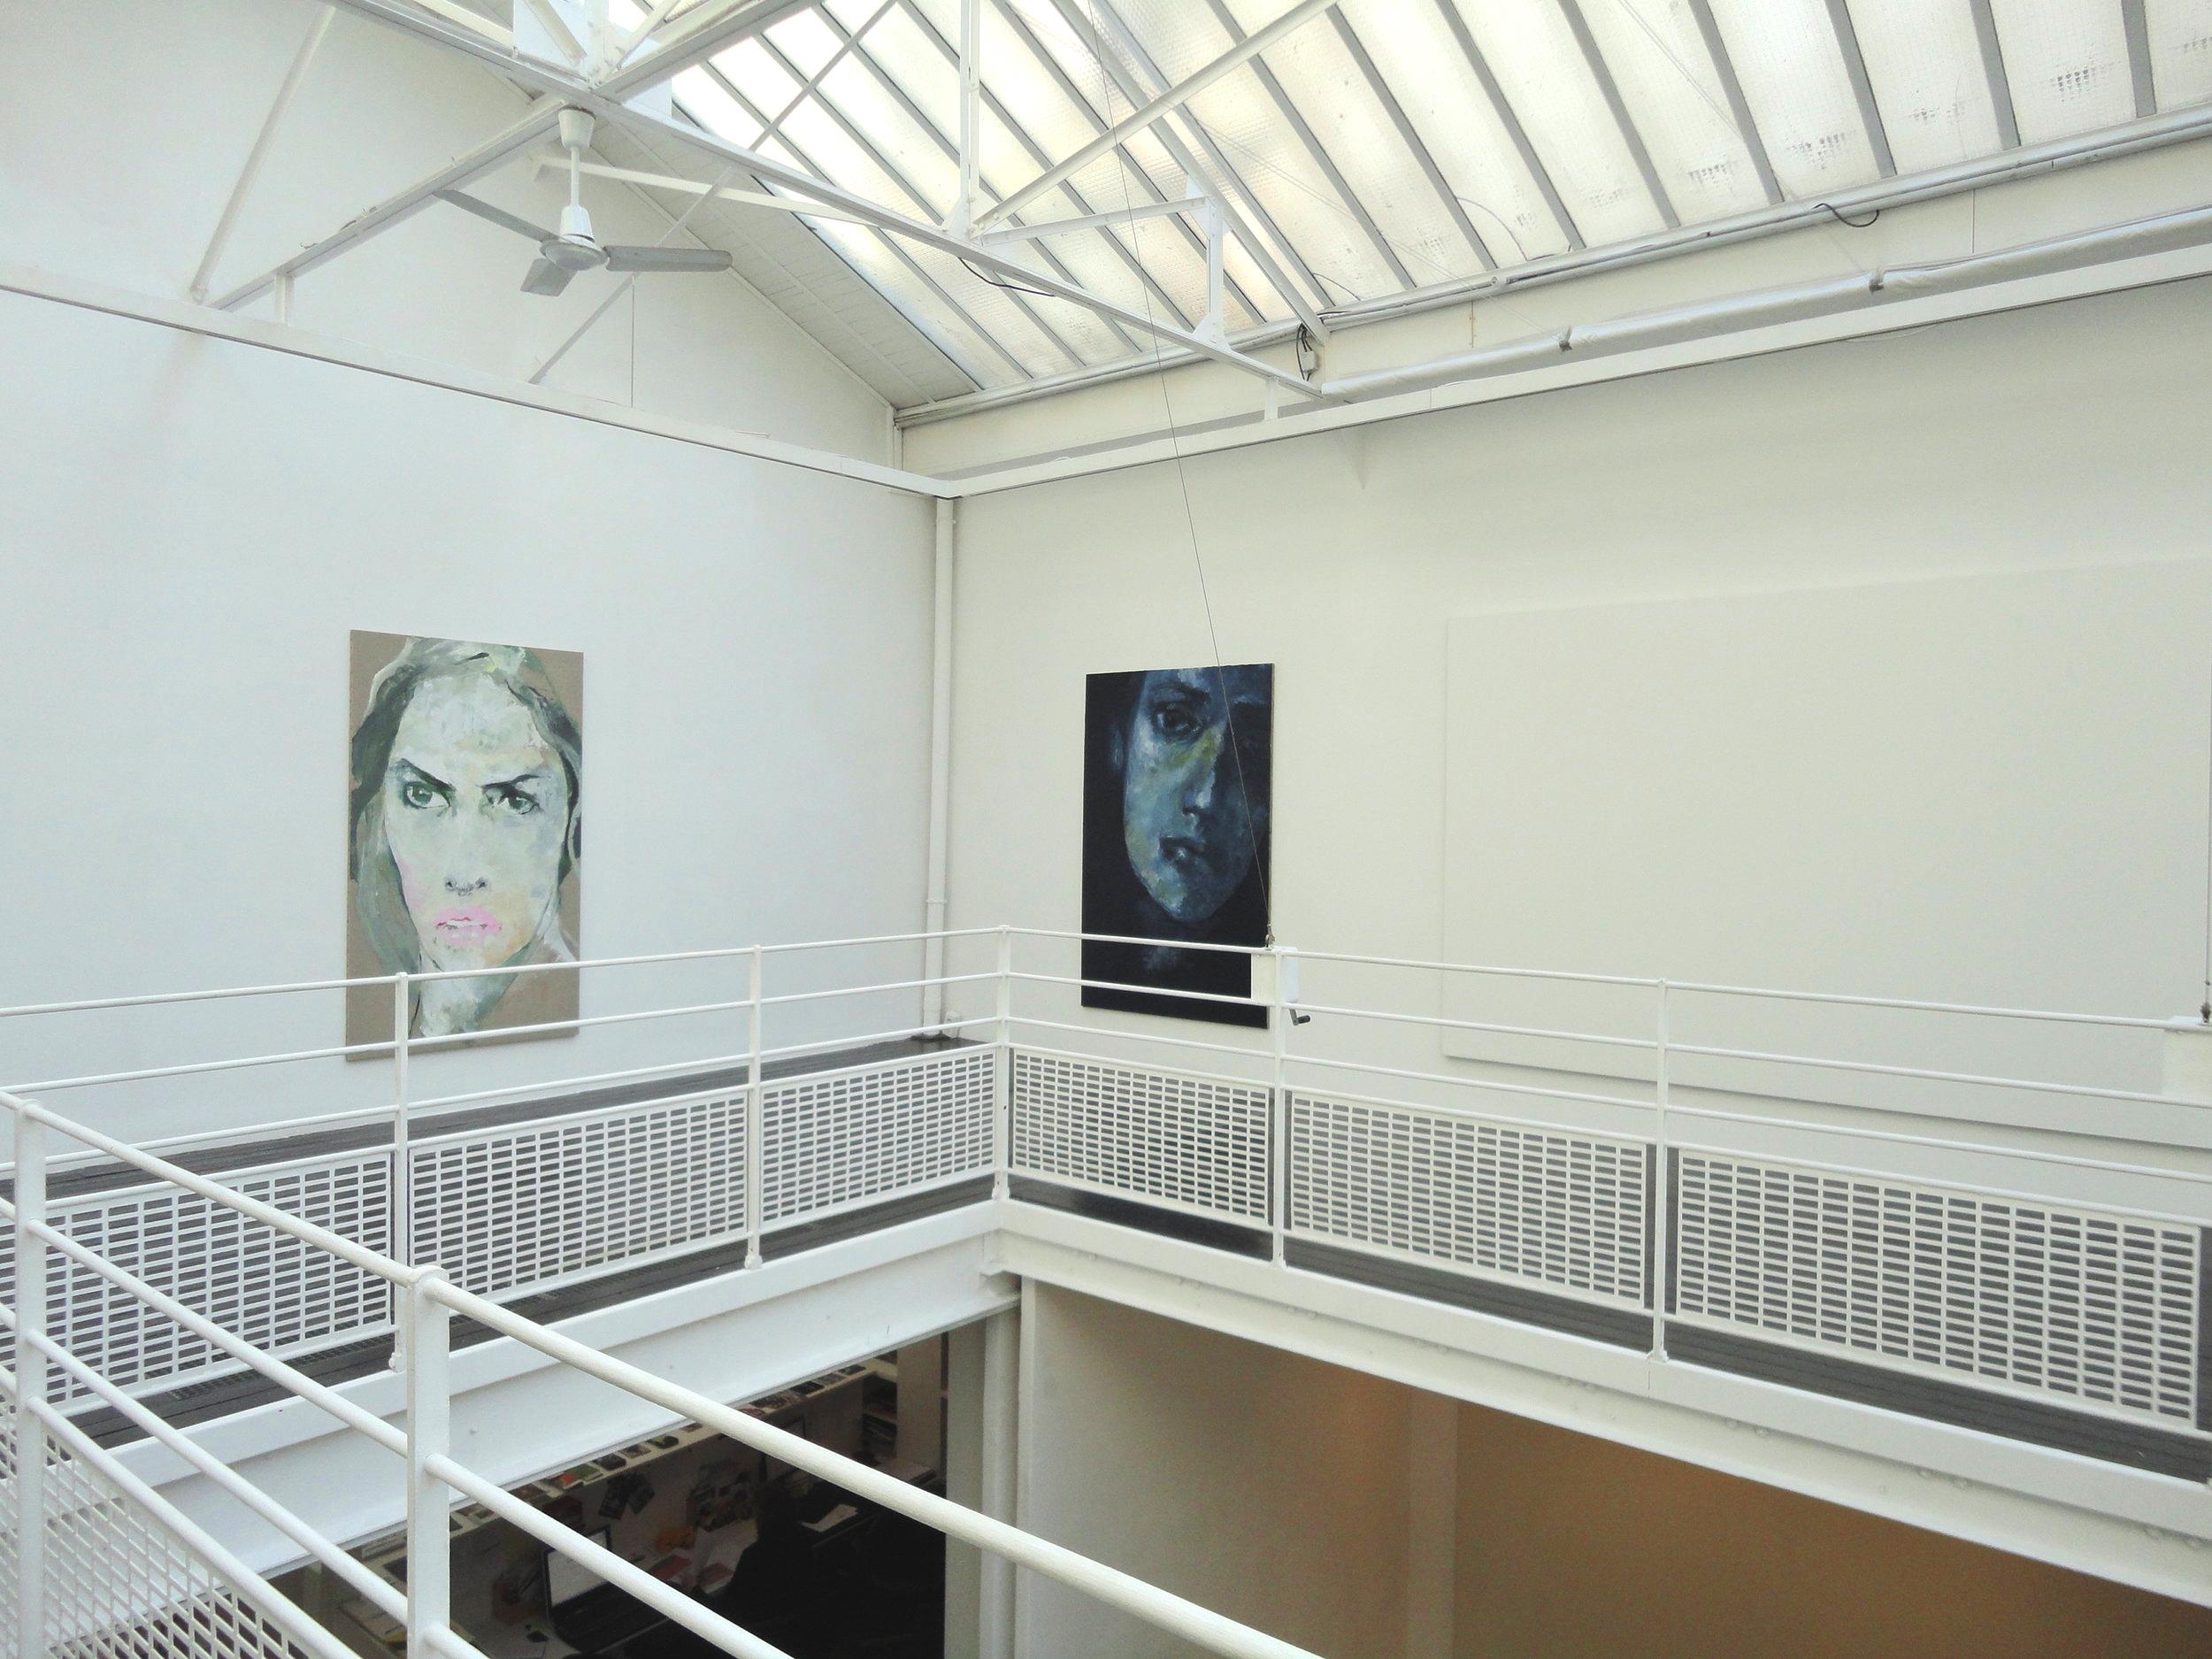 Duo avec Olivier Mosset  galerie Les filles du calvaire, Paris, France